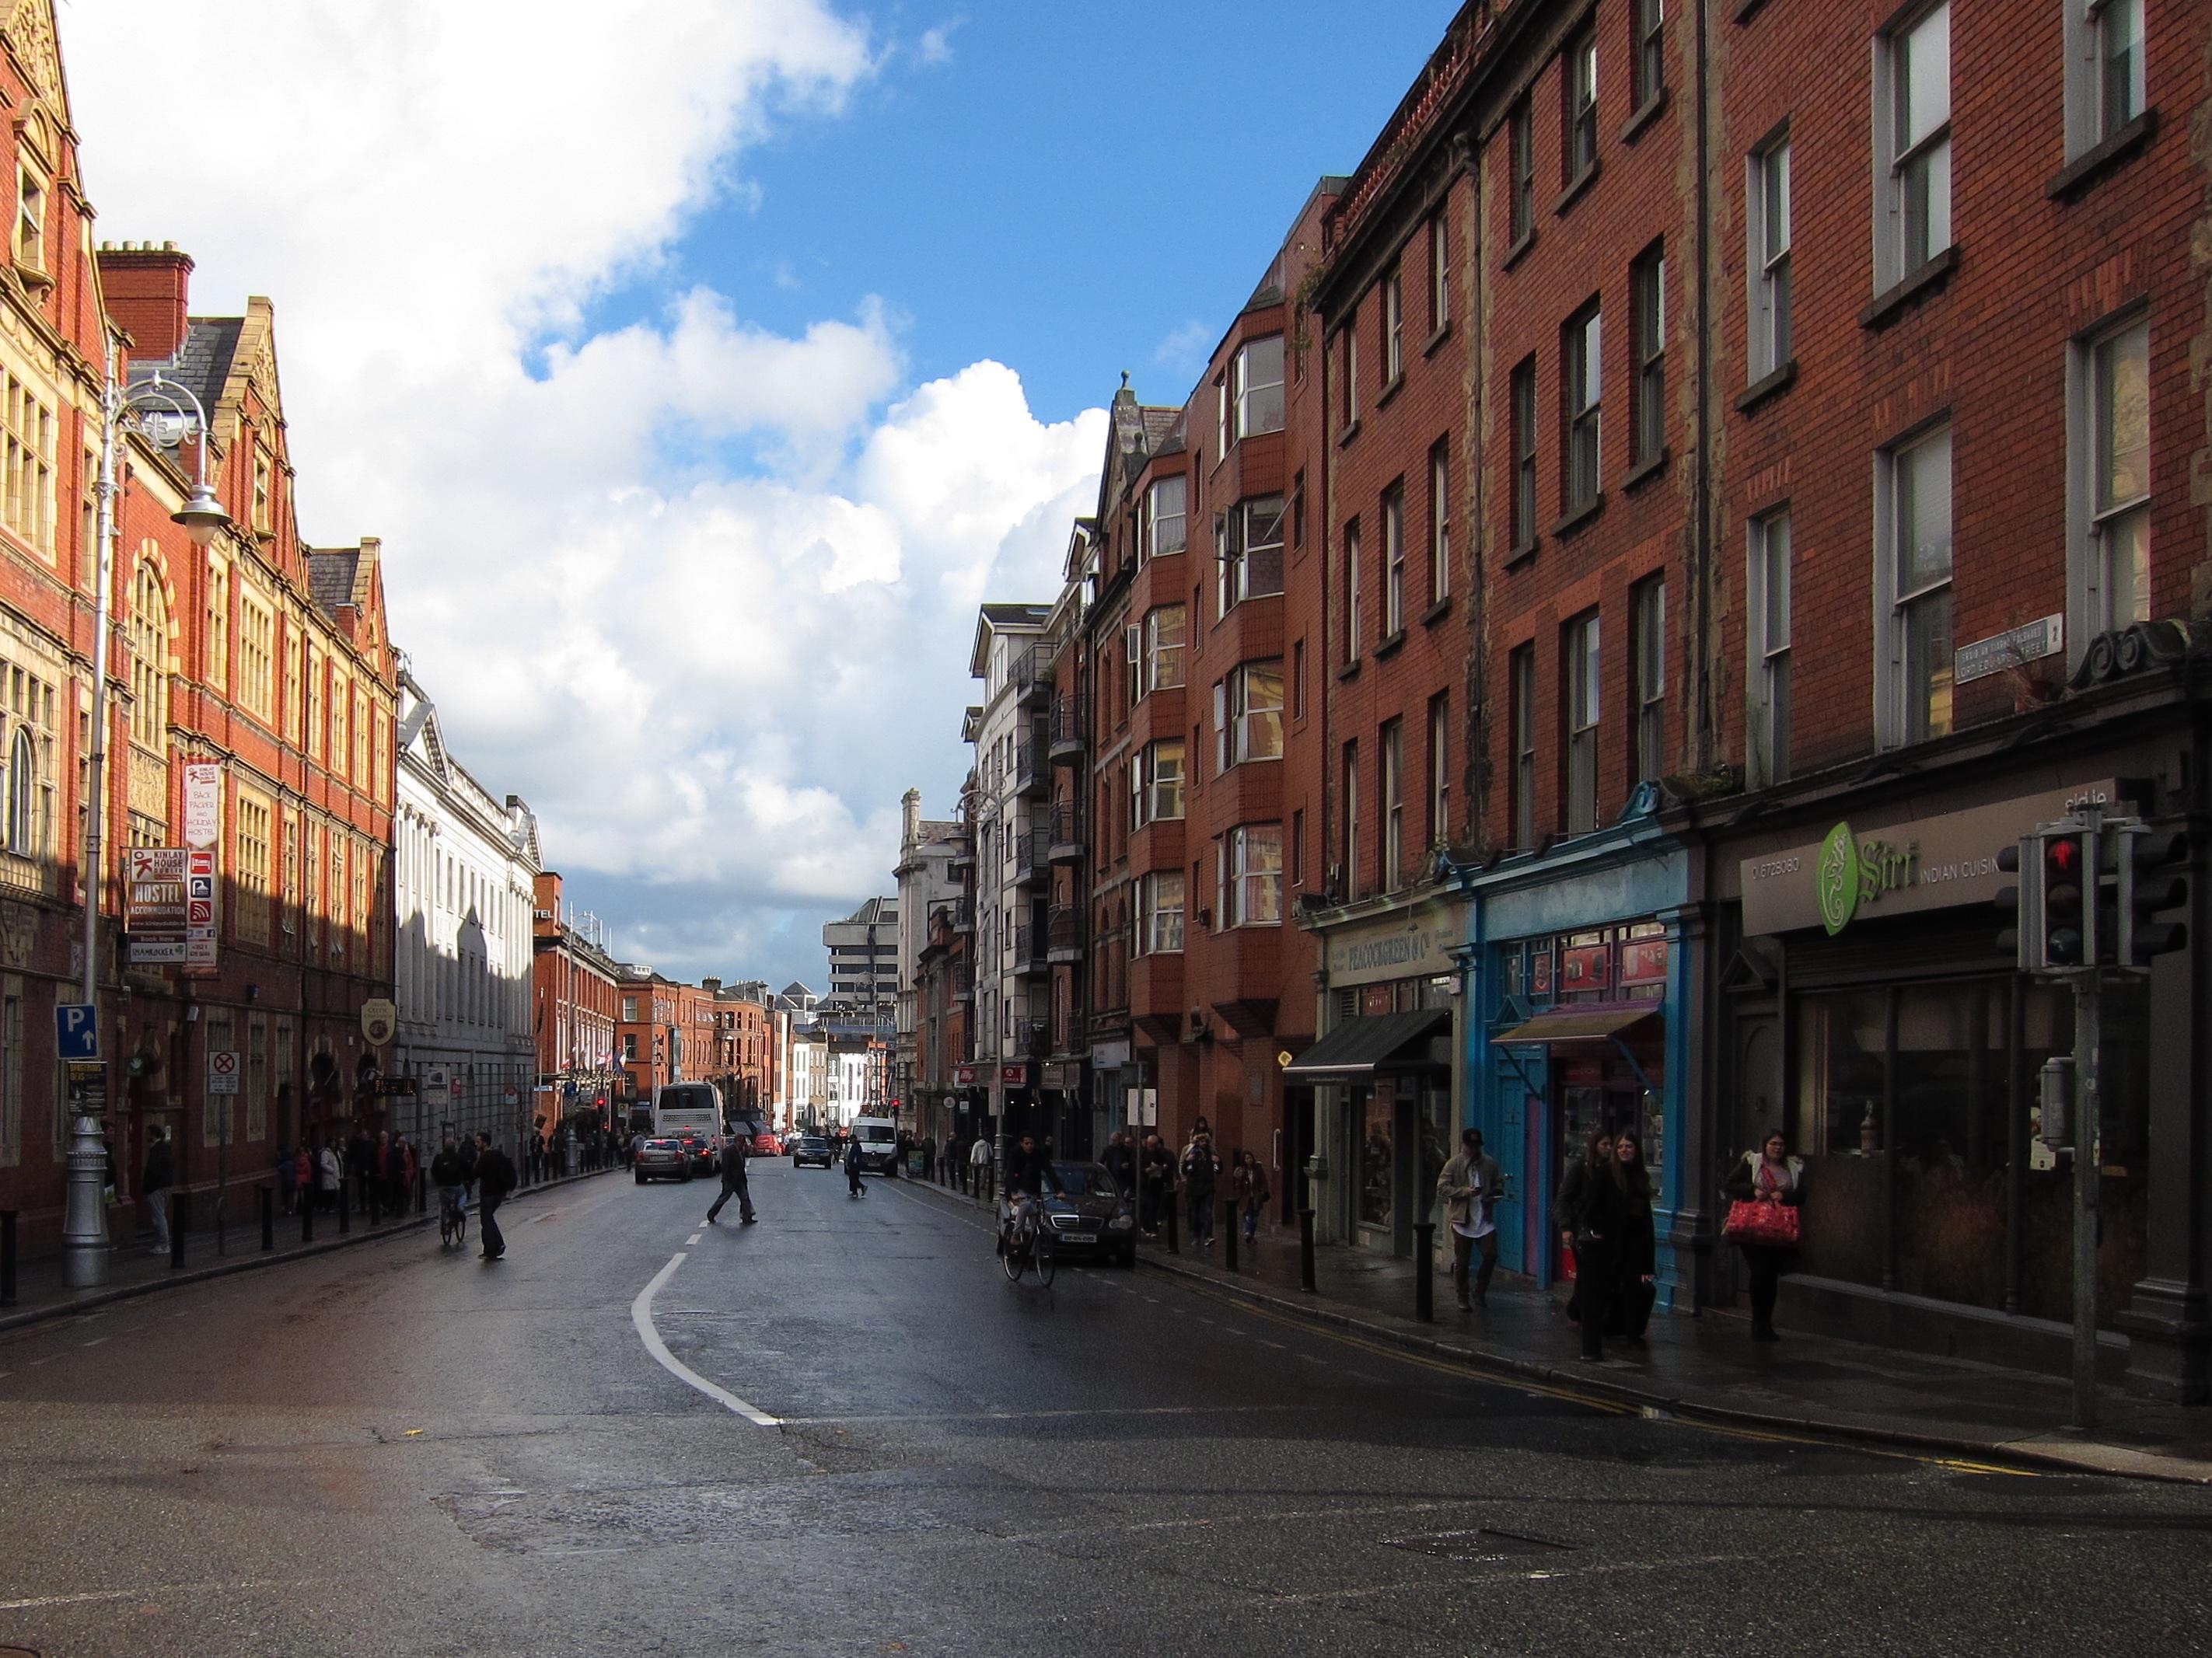 Dublin strit samantha jang knjiga pdf file